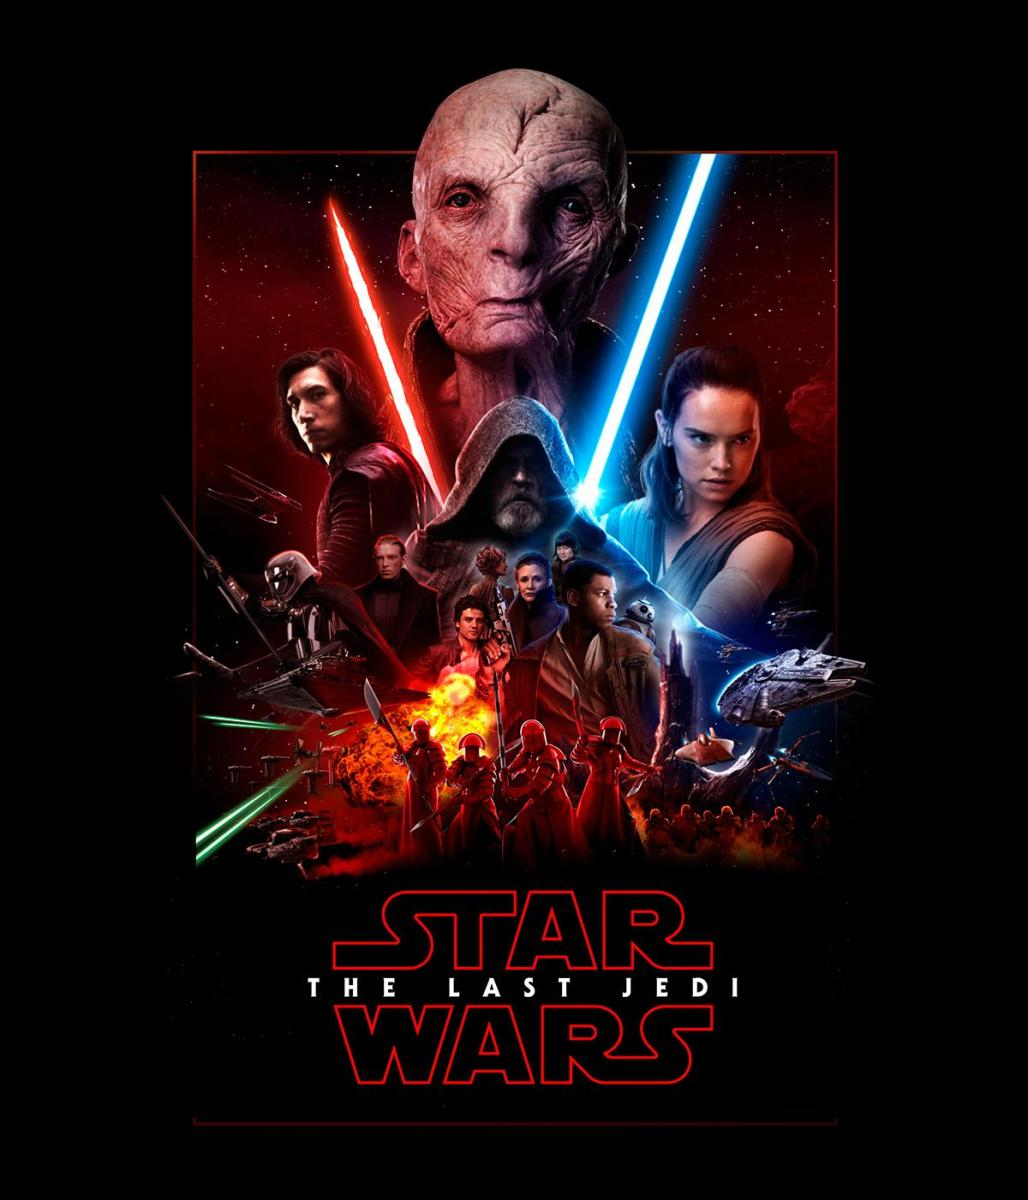 Star Wars: The Last Jedi fan poster by Preedee Thinnakorn Na Ayudhya